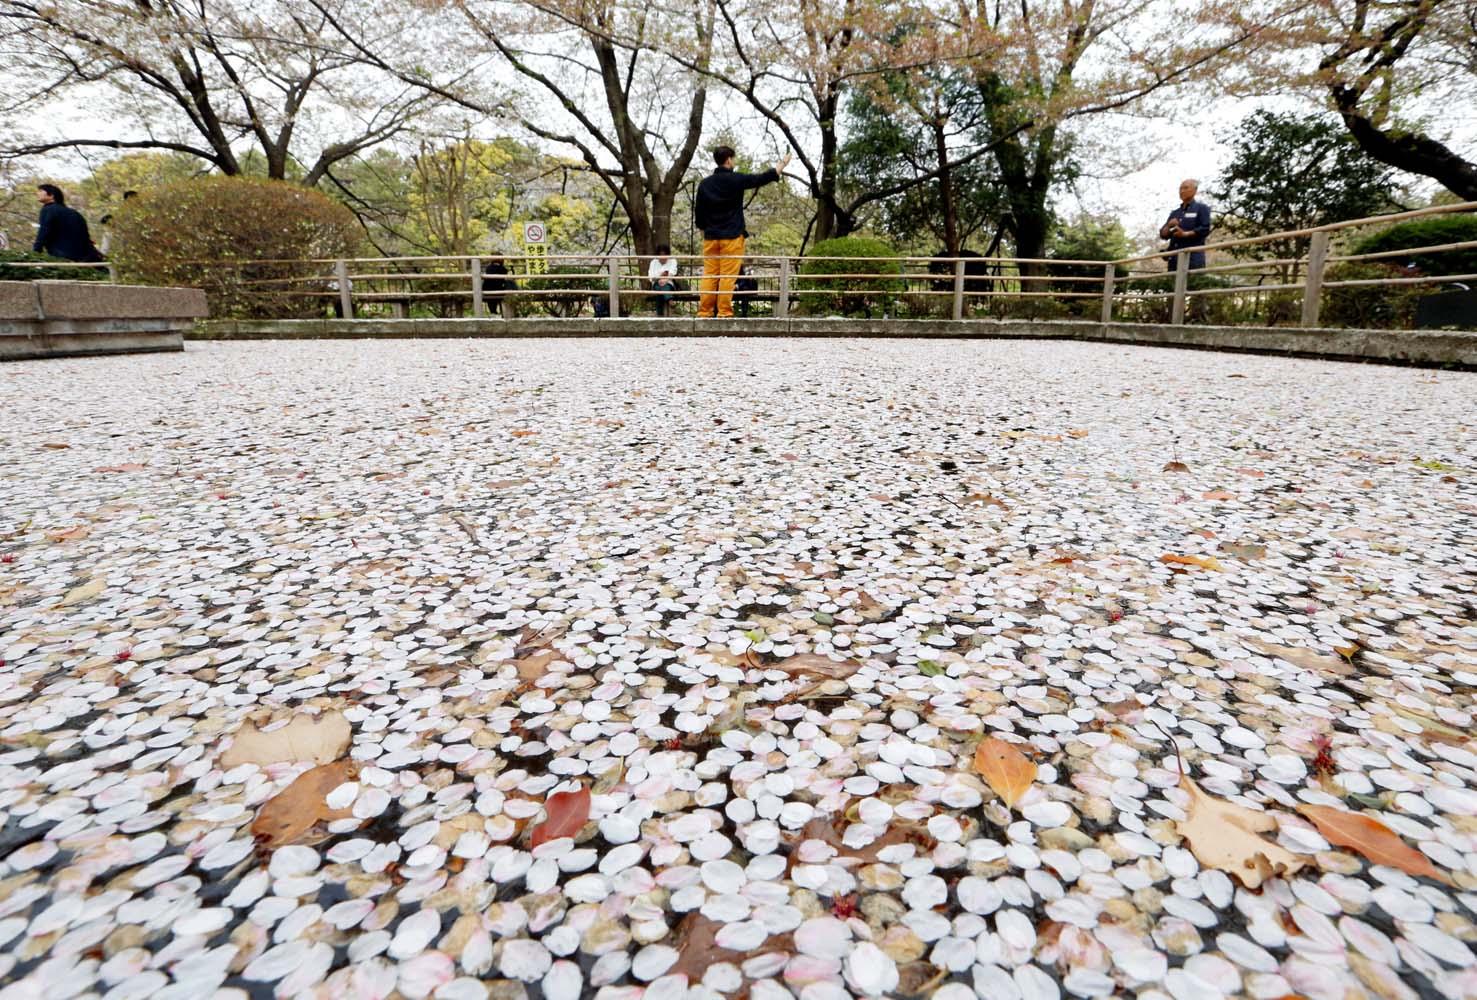 Pétalos de flores de cerezo se ven en un estanque en un parque en Tokio, Japón, el 2 de abril de 2018. REUTERS / Toru Hanai